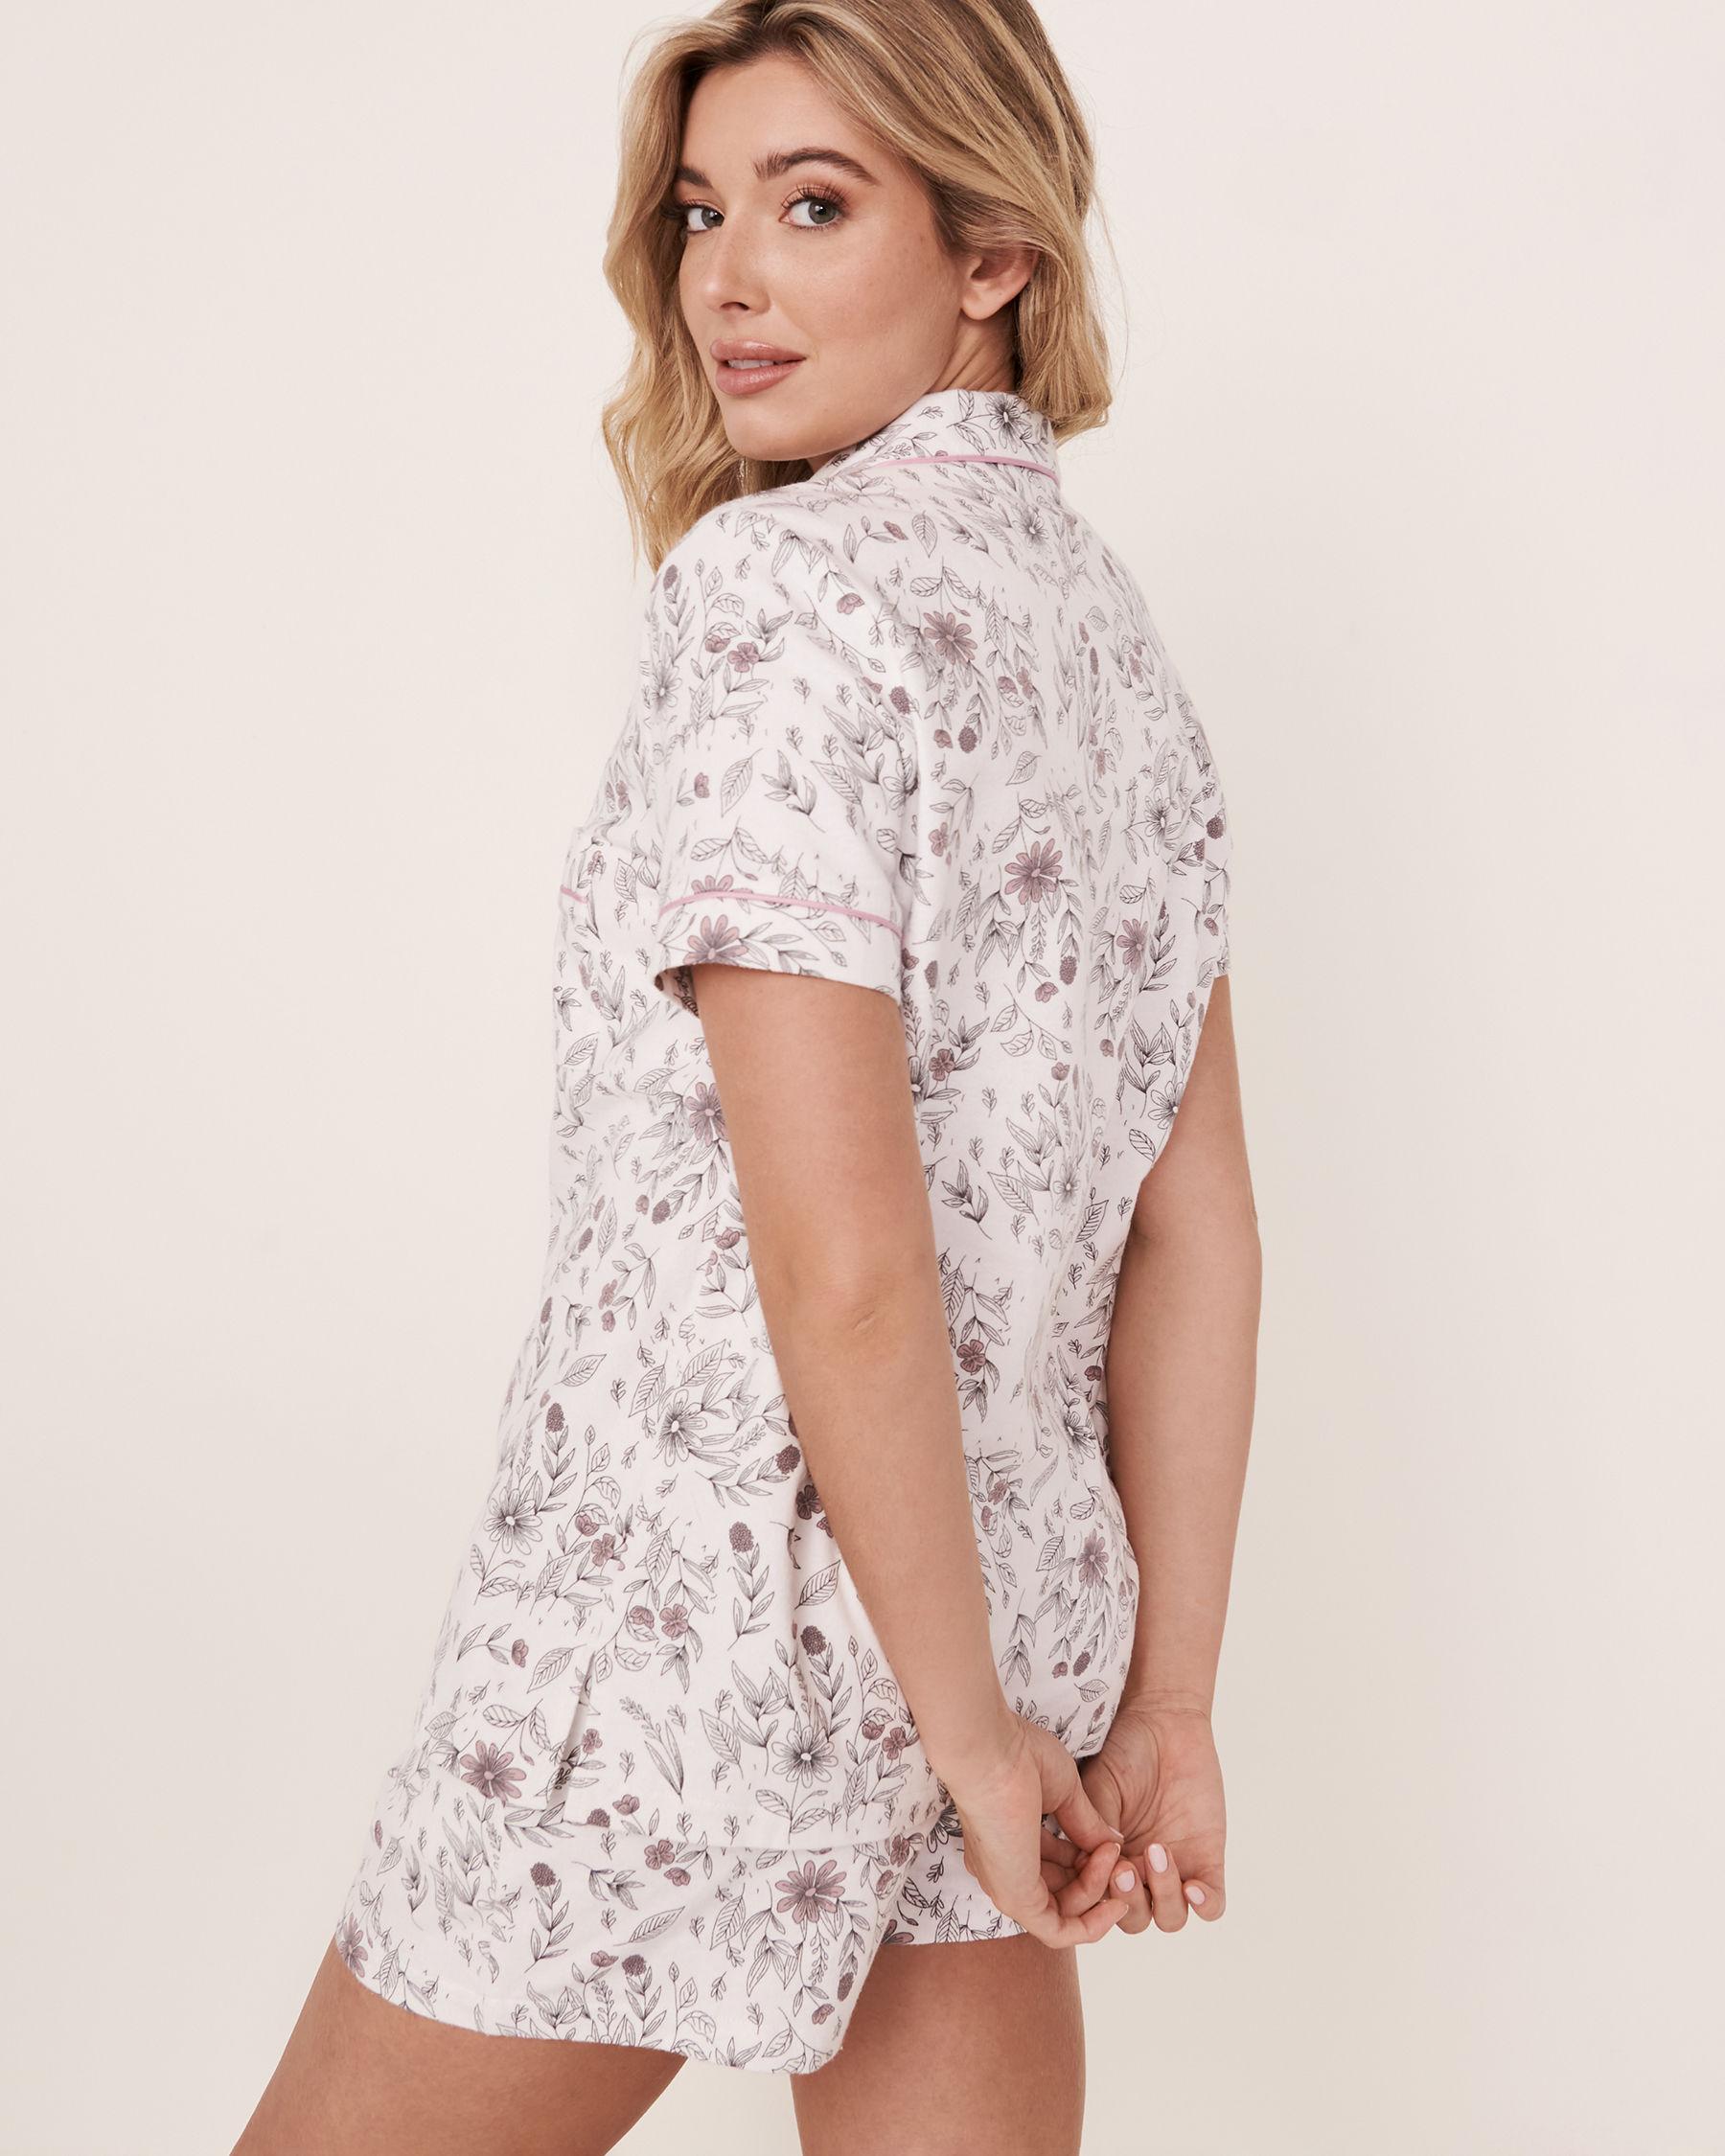 LA VIE EN ROSE Ensemble pyjama short en flanelle Feuillage 40400011 - Voir2